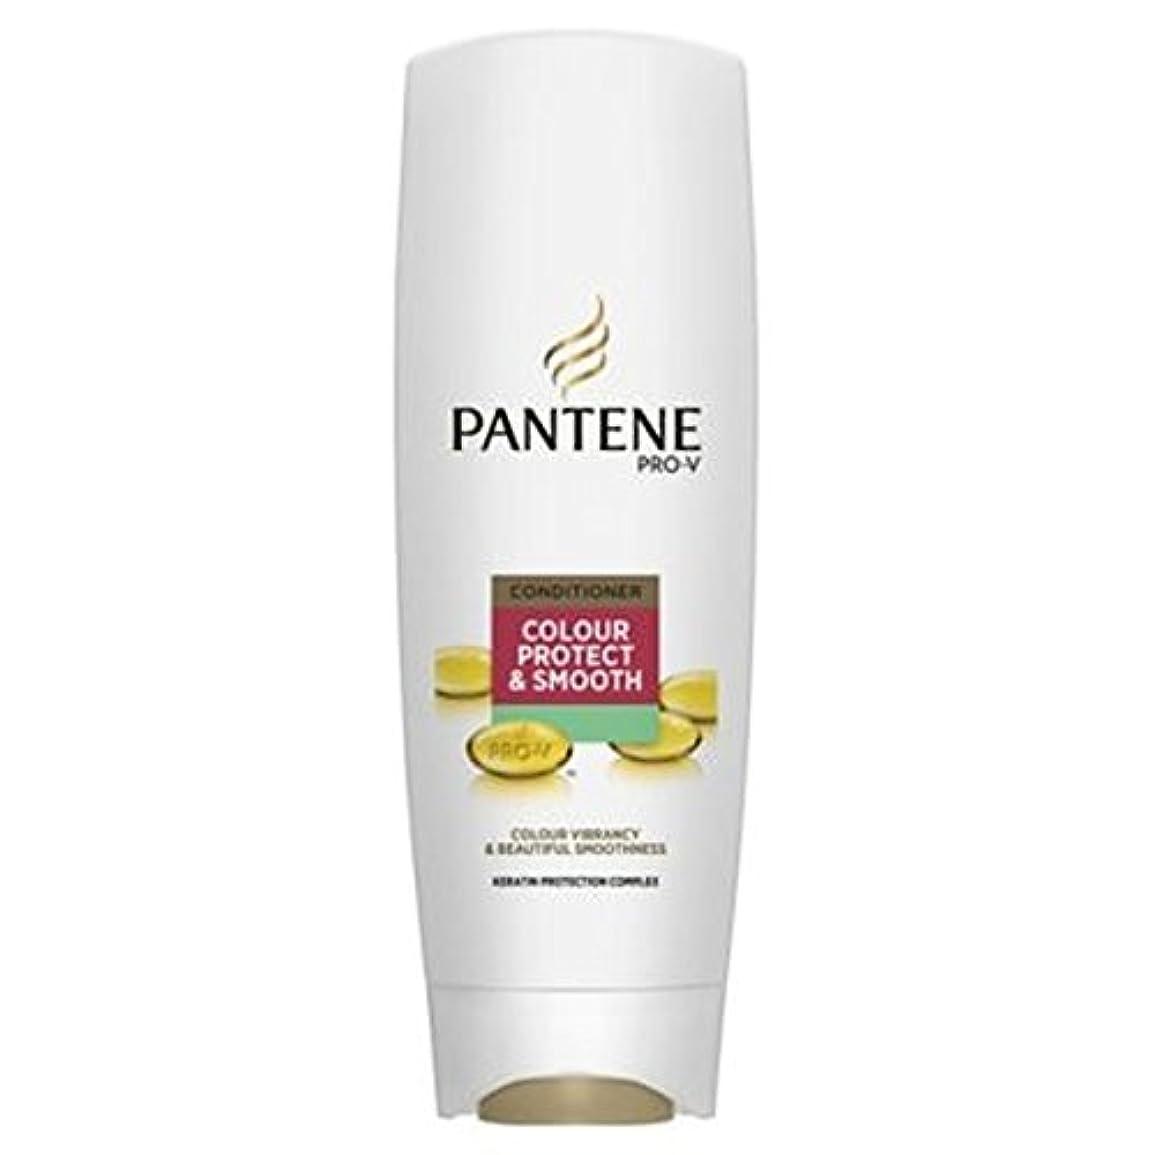 高架目指すベックスパンテーンプロVの色保護&スムーズコンディショナー360ミリリットル (Pantene) (x2) - Pantene Pro-V Colour Protect & Smooth Conditioner 360ml (Pack...